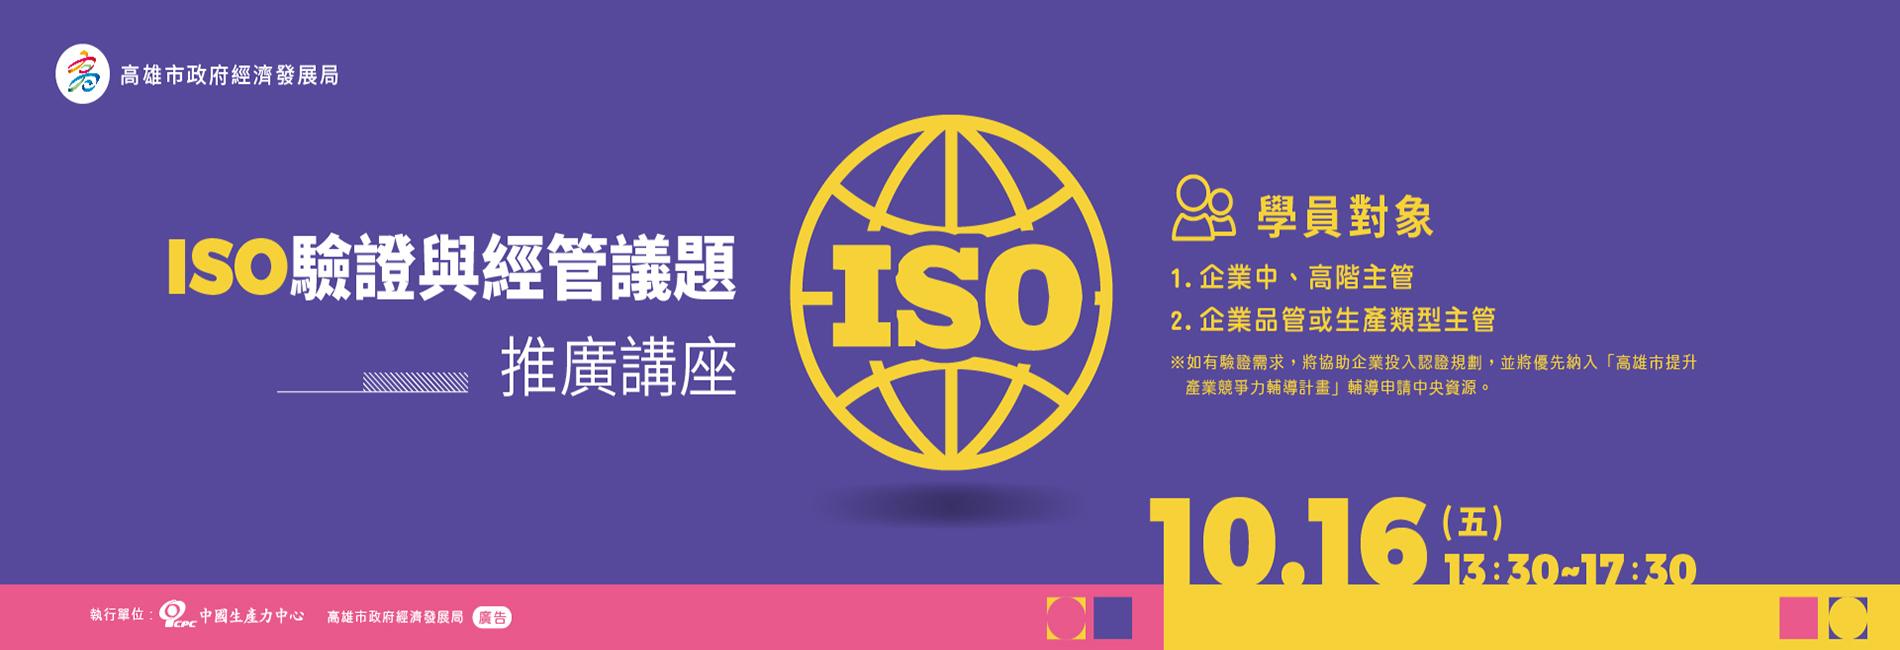 109年度ISO認證實體課程規劃